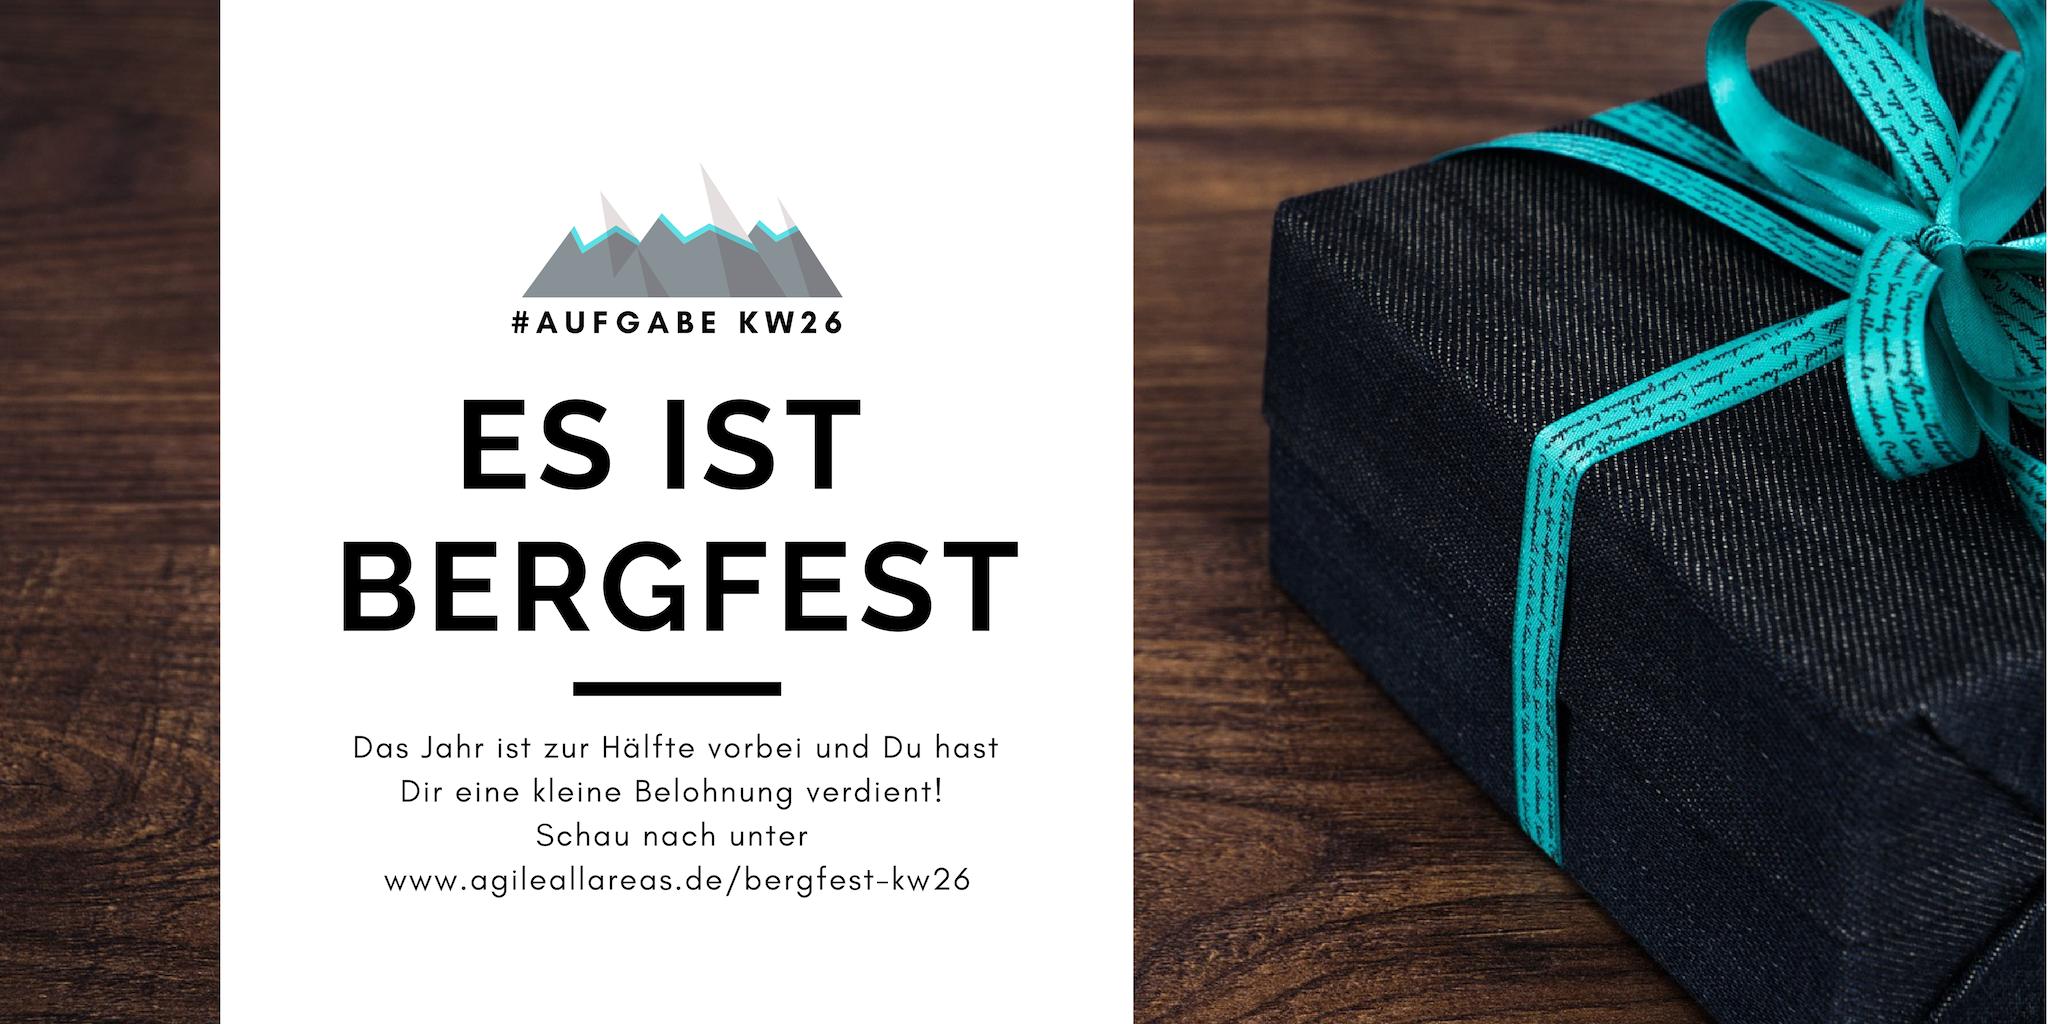 KW26 - Bergfest